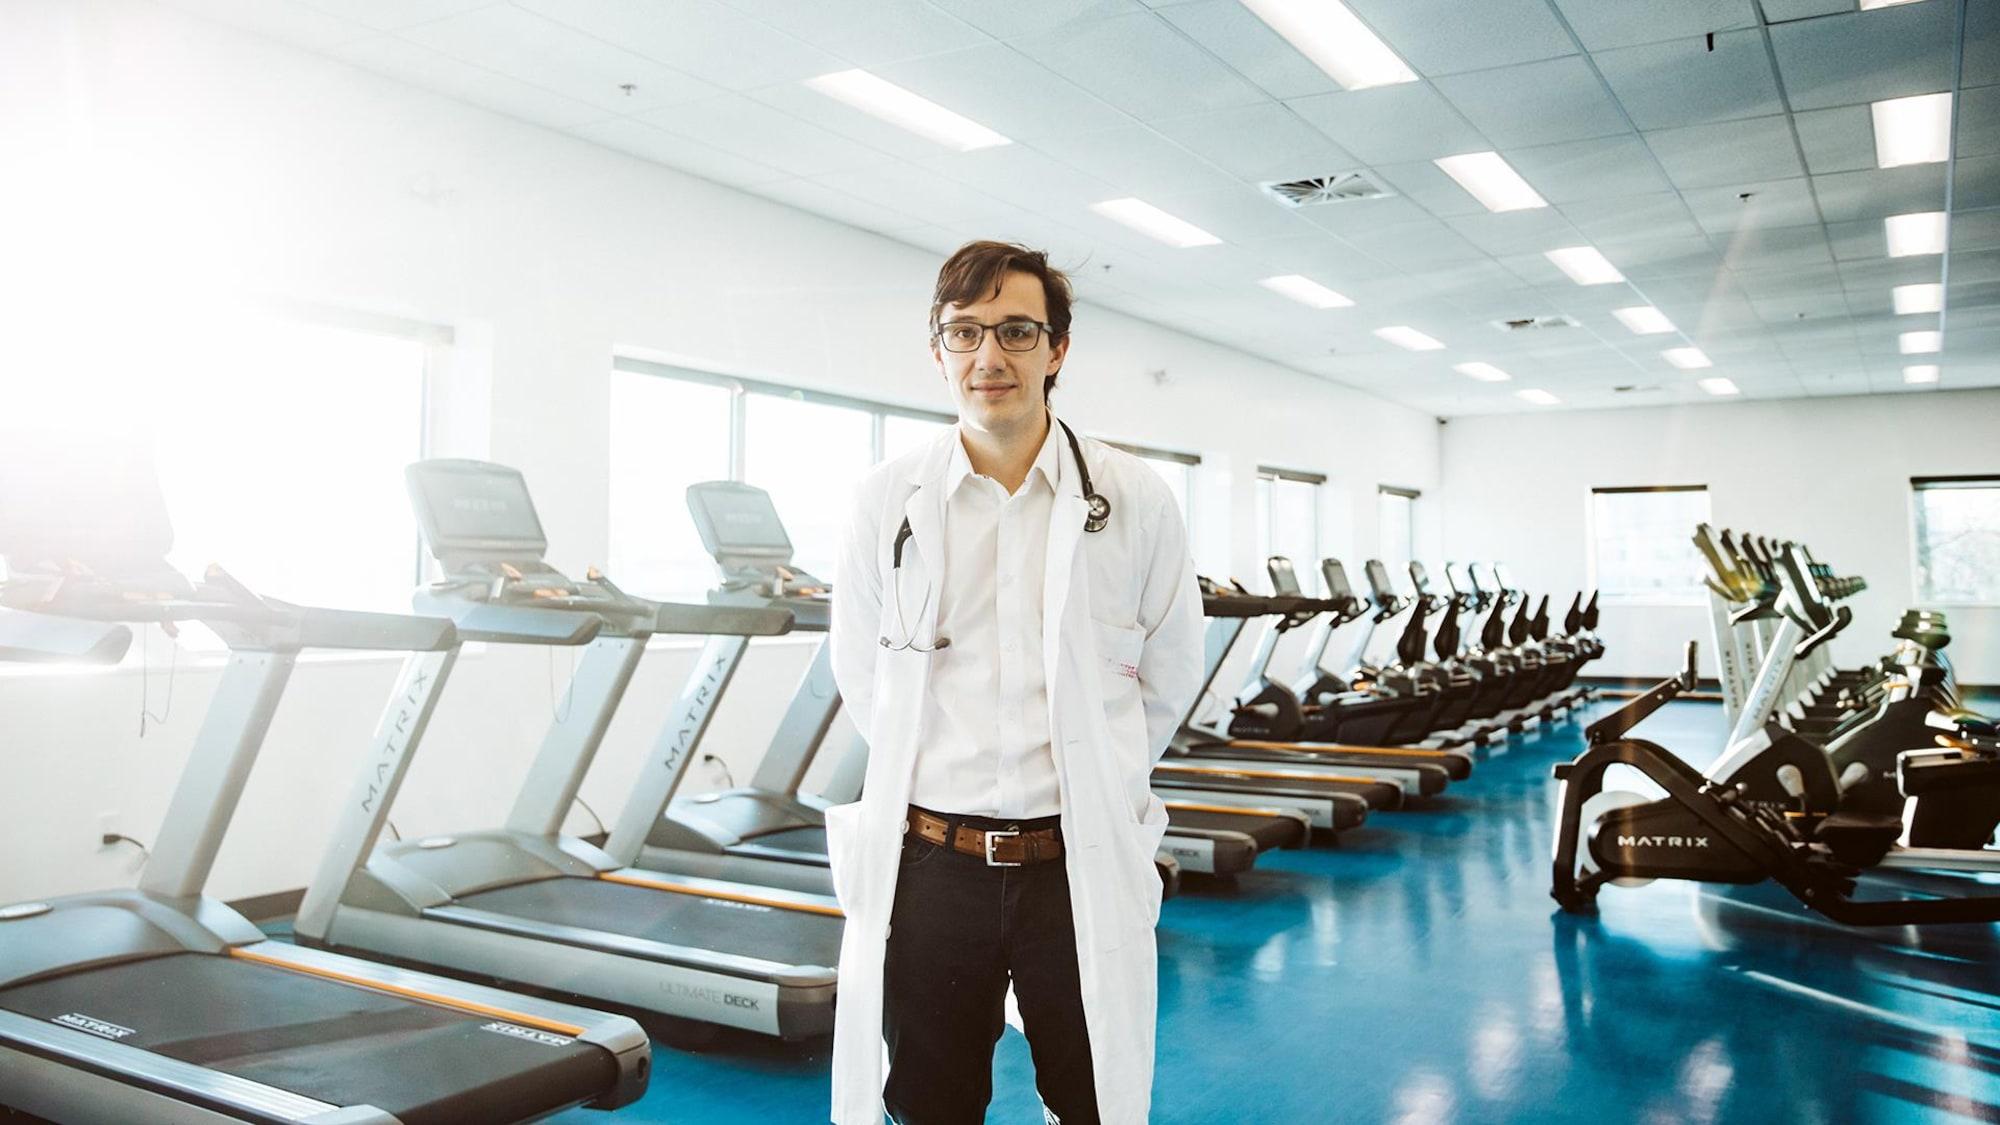 Le médecin se tient debout devant une série de tapis roulants.